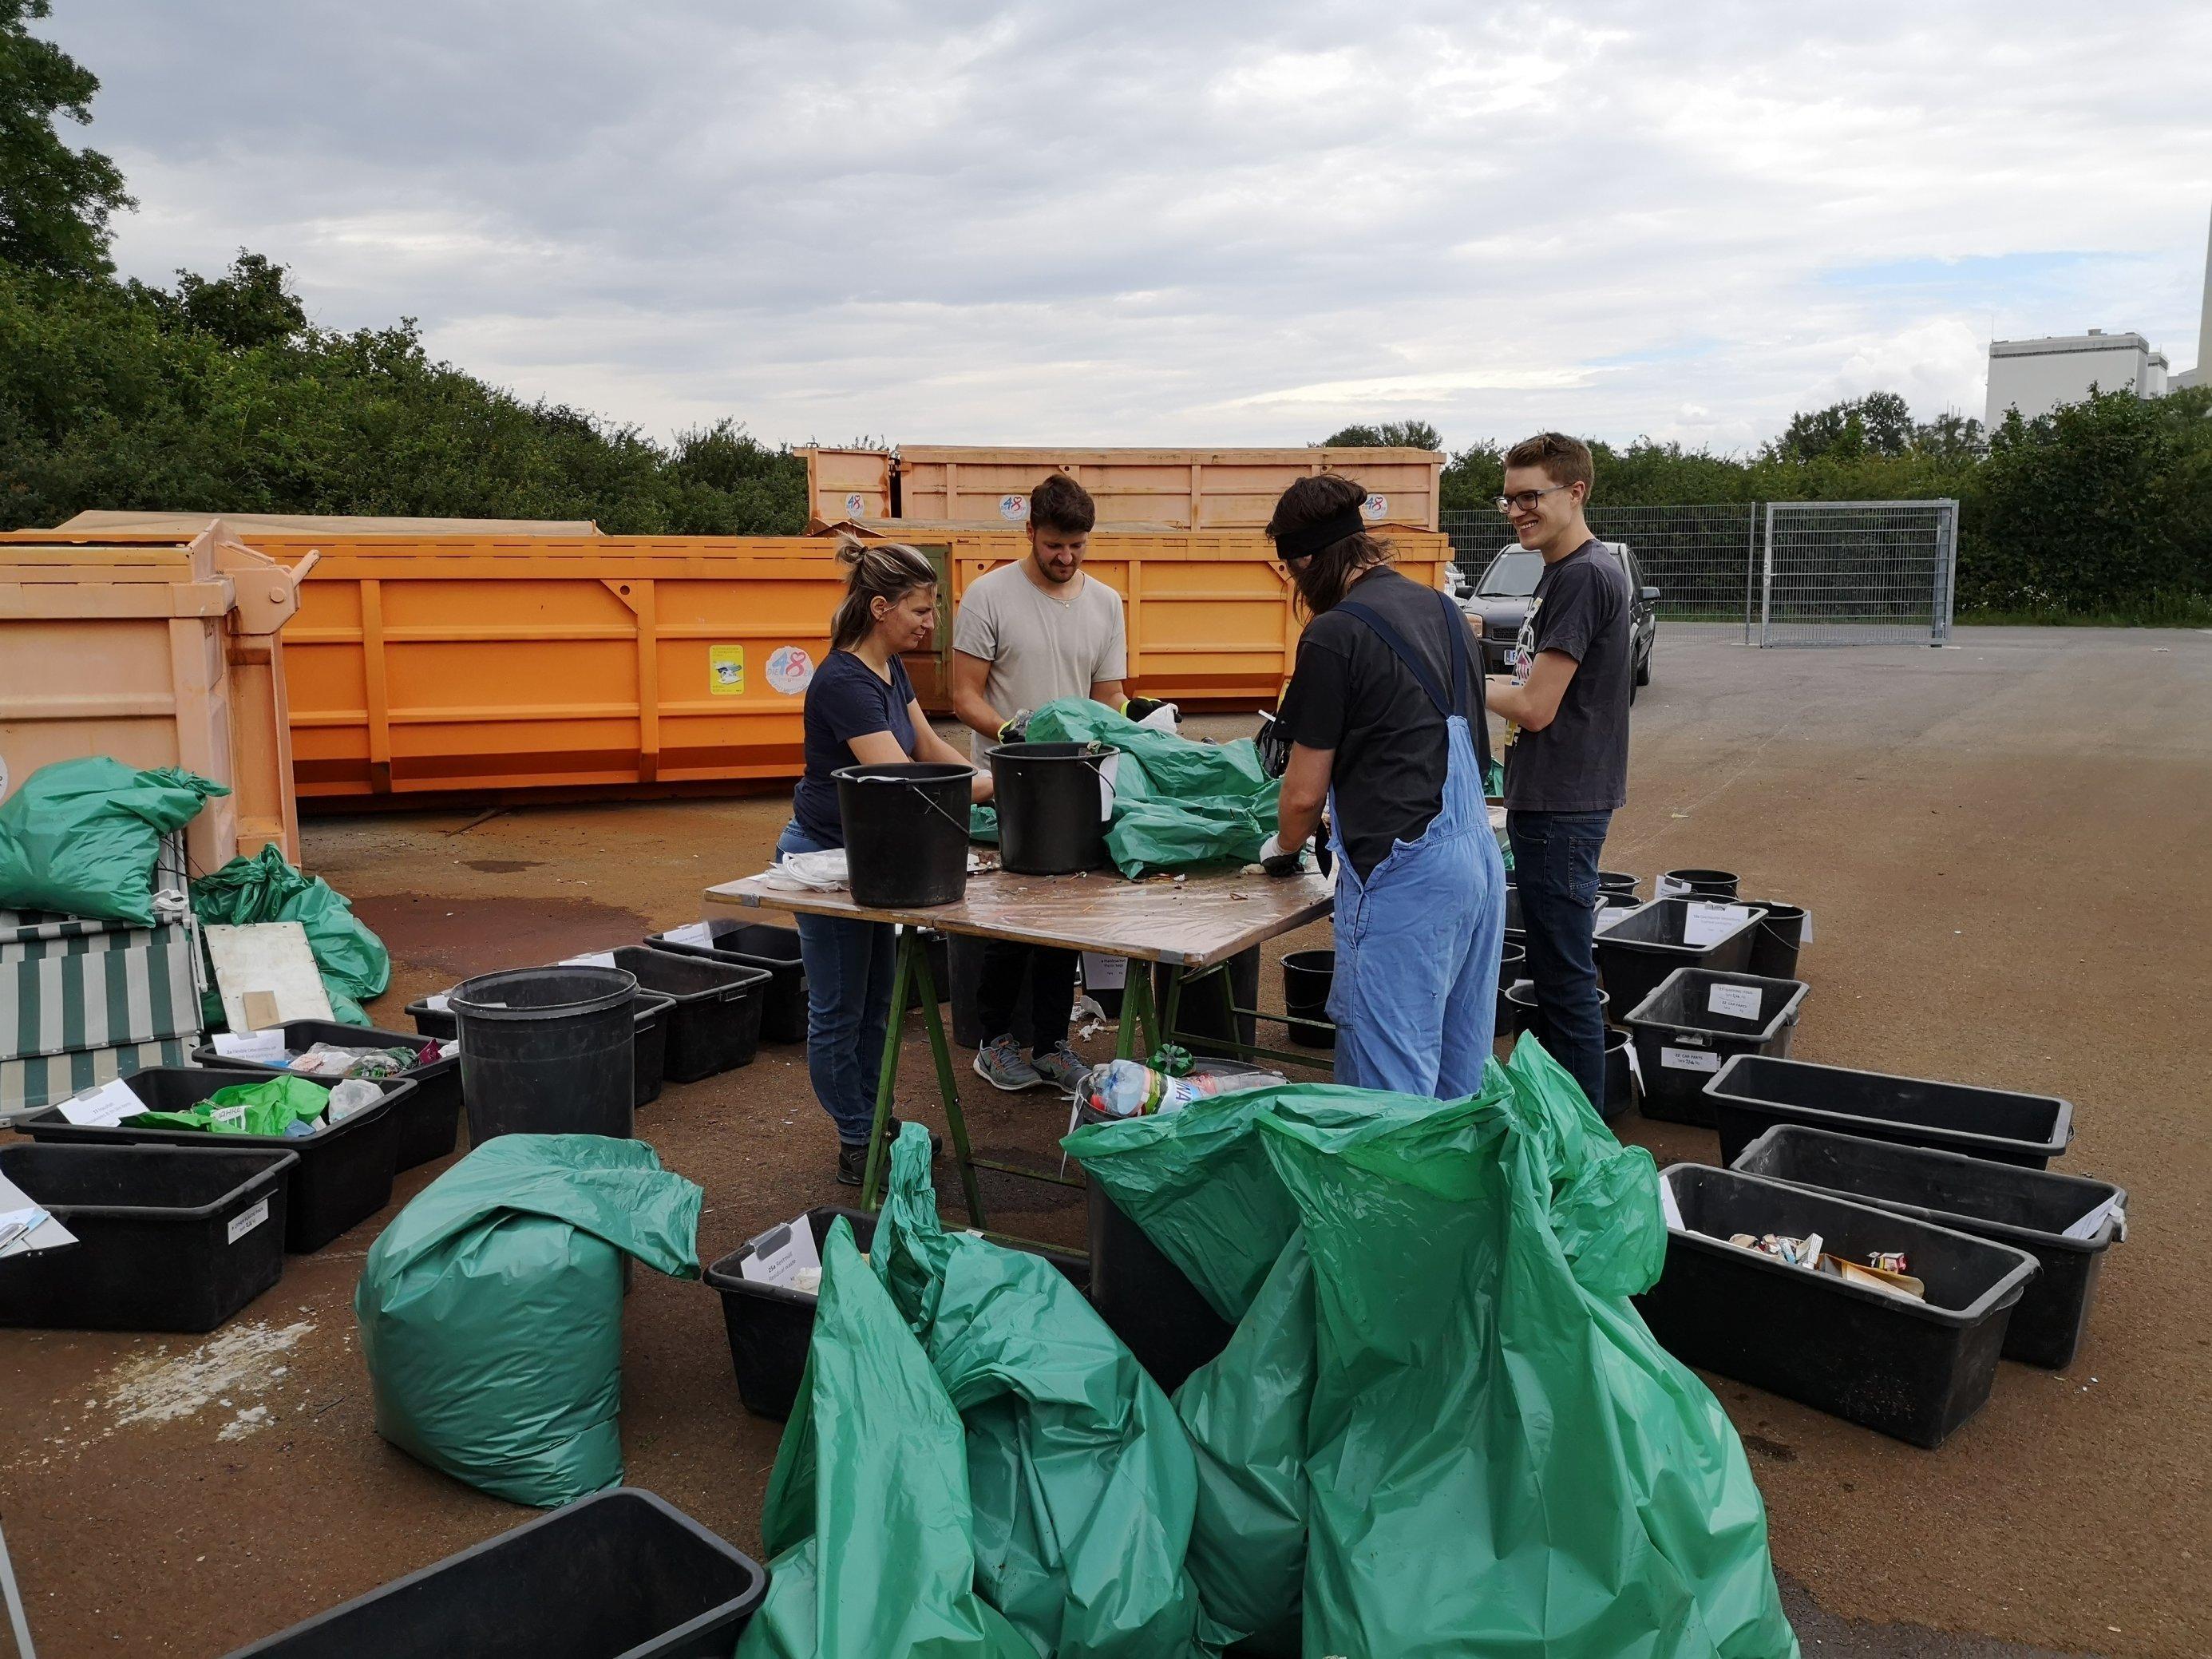 Forscherinnen und Forschern sortieren im Freien Plastikmüll in verschiedene Behälter.